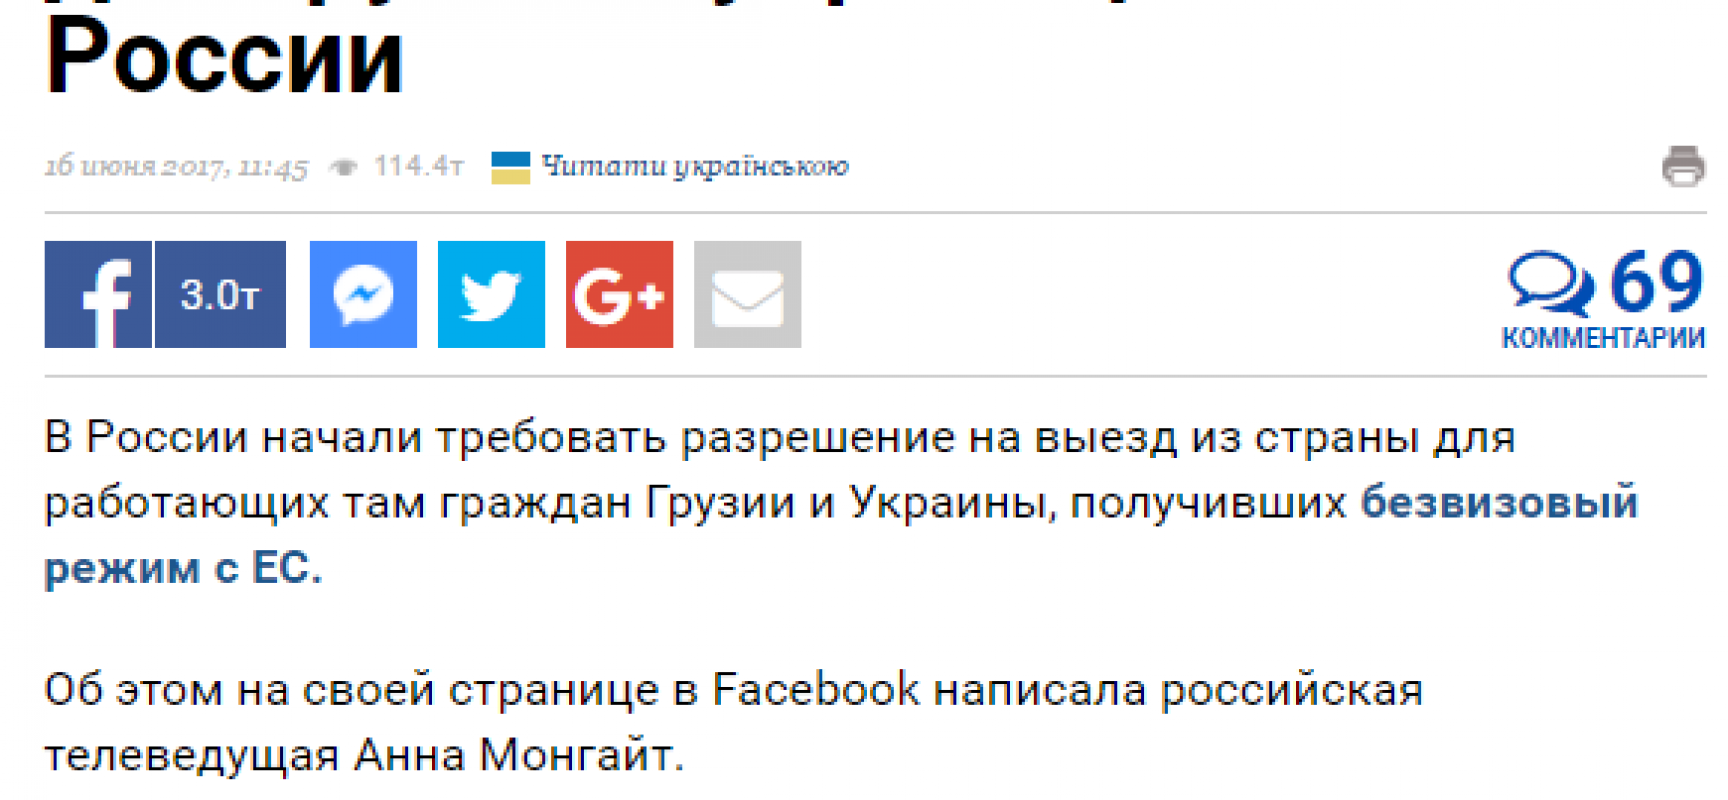 Fake: In Russia chiedono il permesso per l'uscita dal paese ai lavoratori ucraini